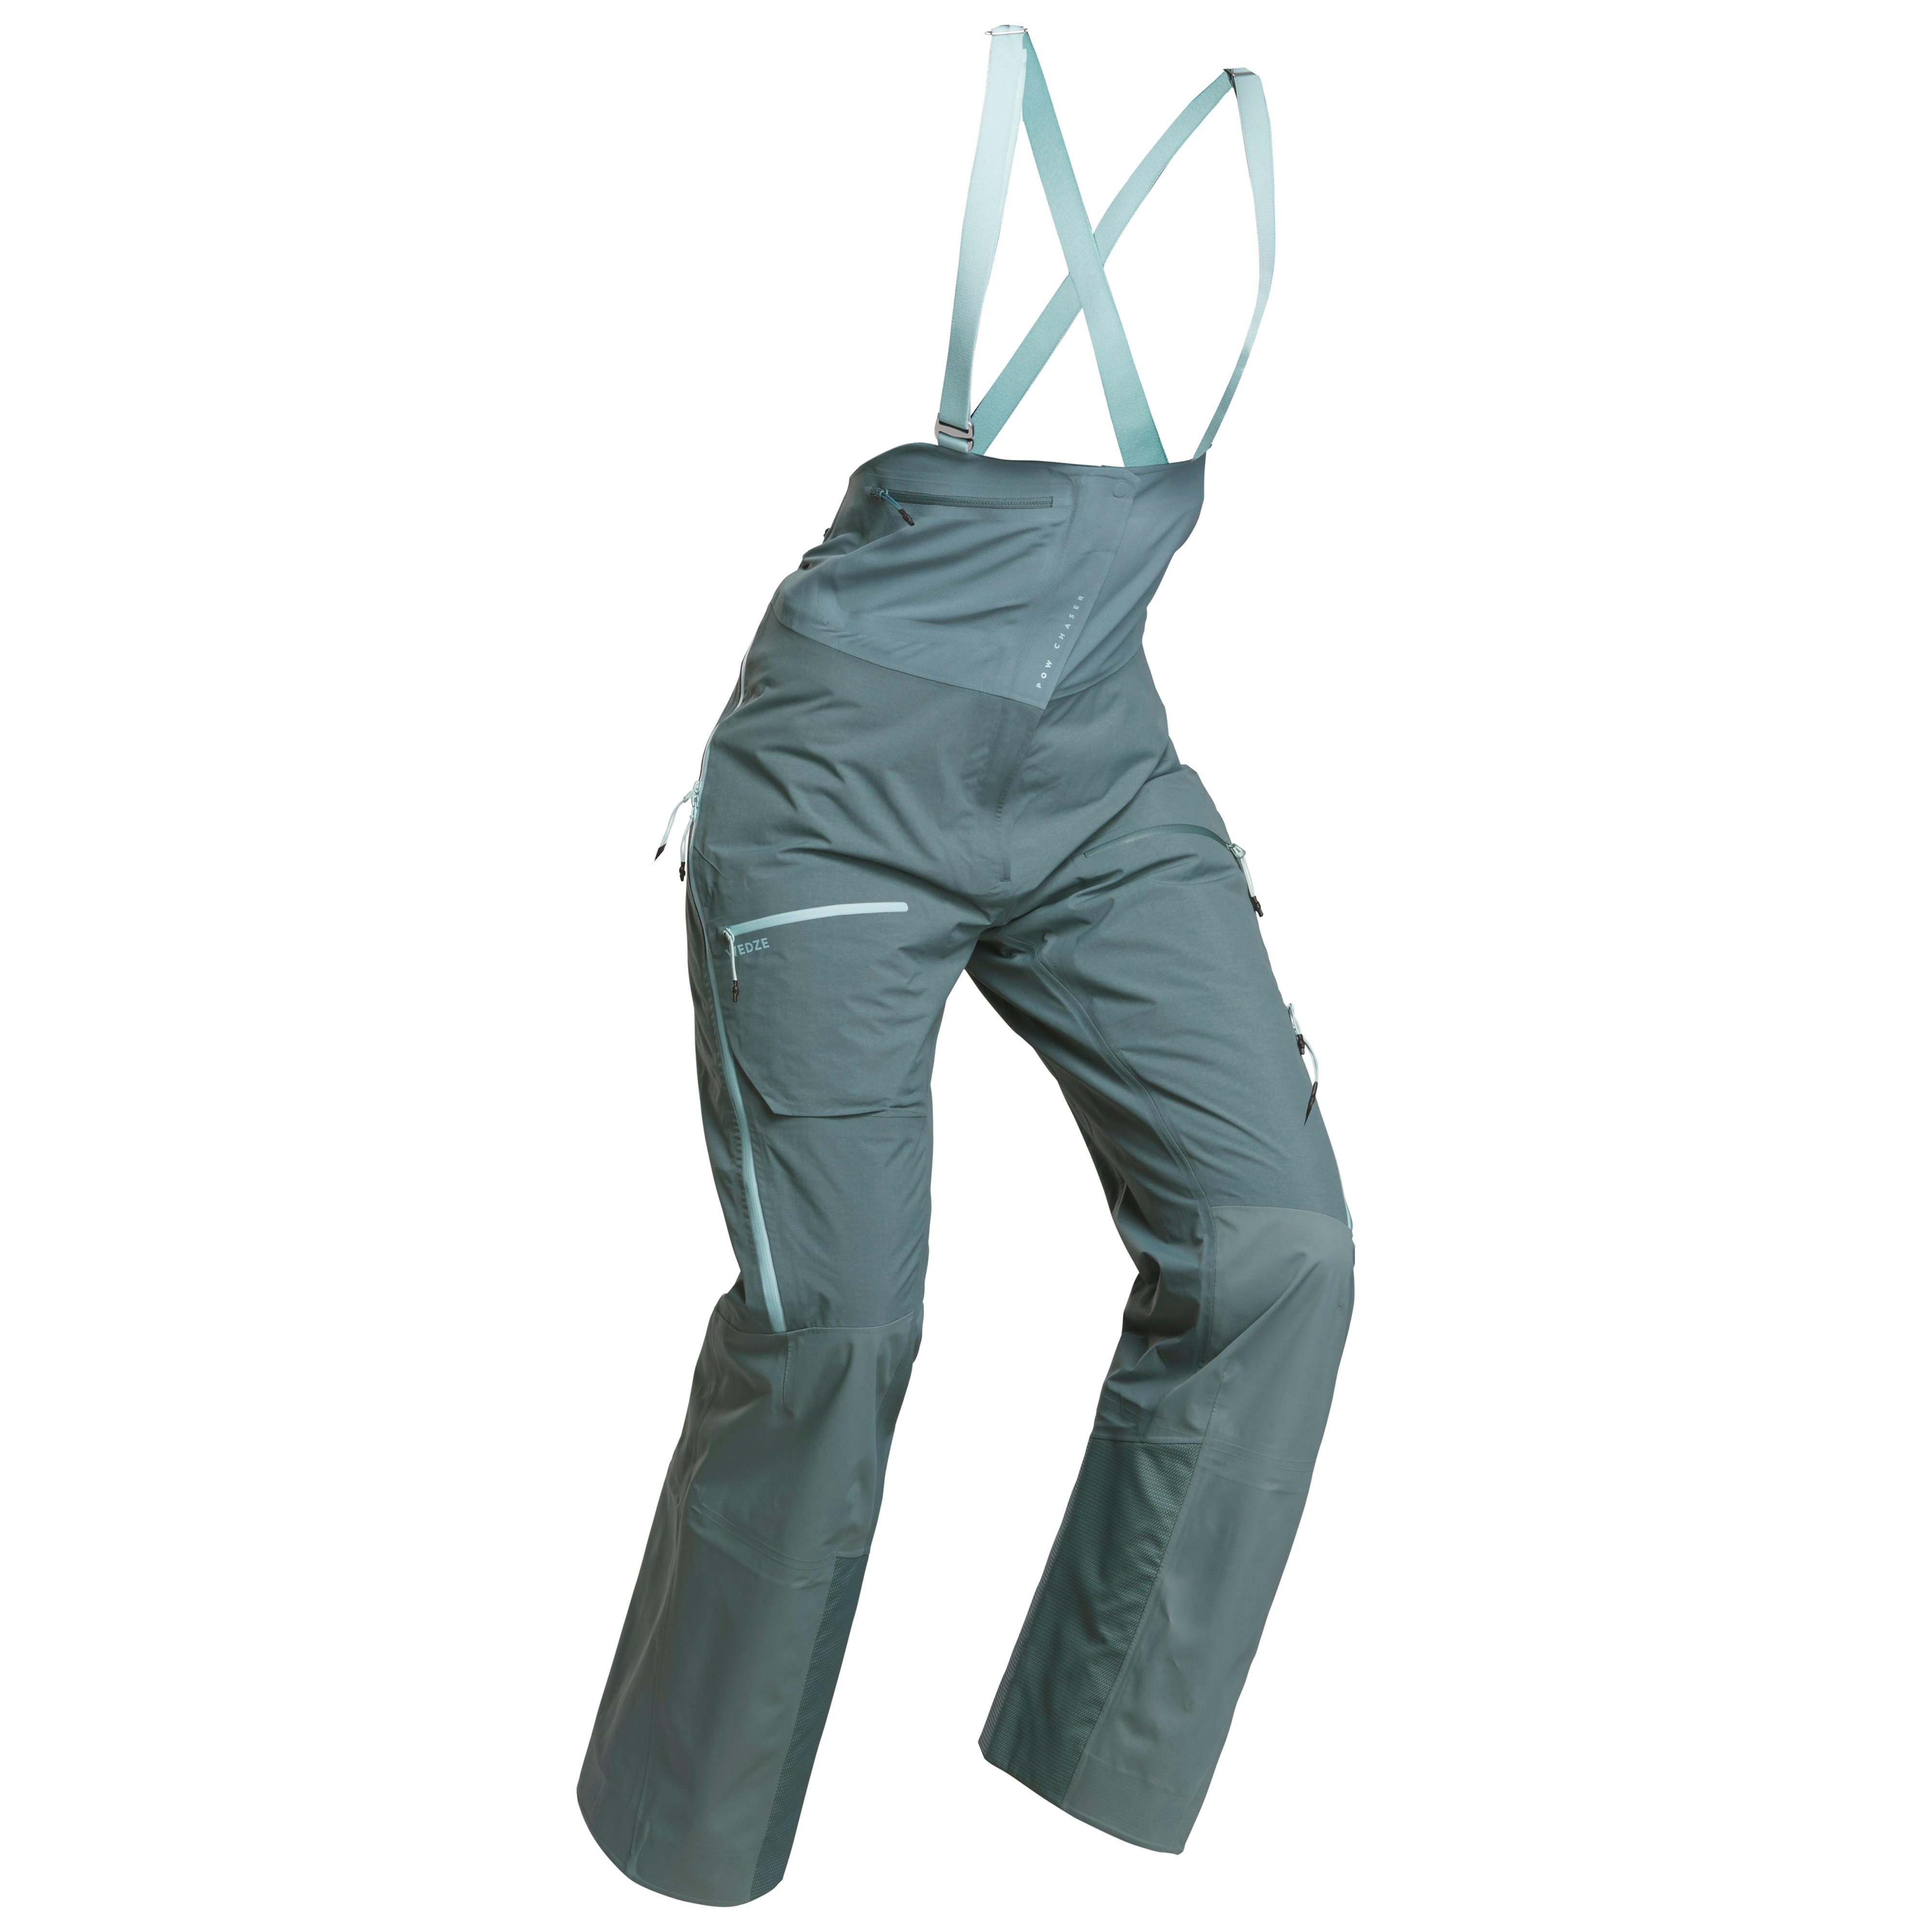 Pantalon schi FR 900 Damă imagine produs